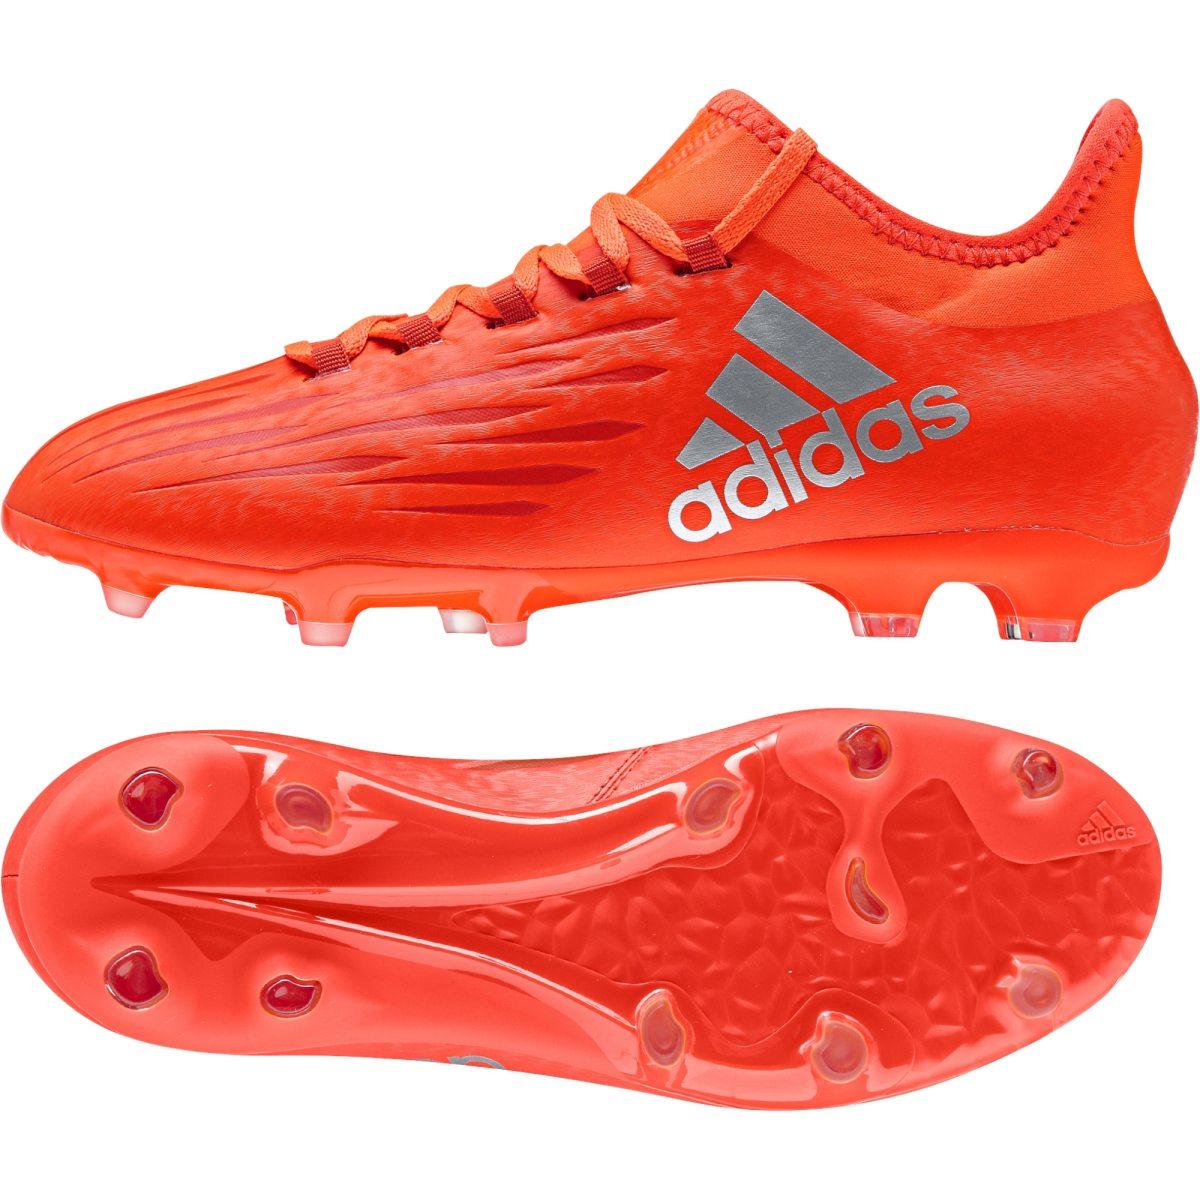 finest selection 8c759 99411 adidas x 16.1 fg fotballsko junior no